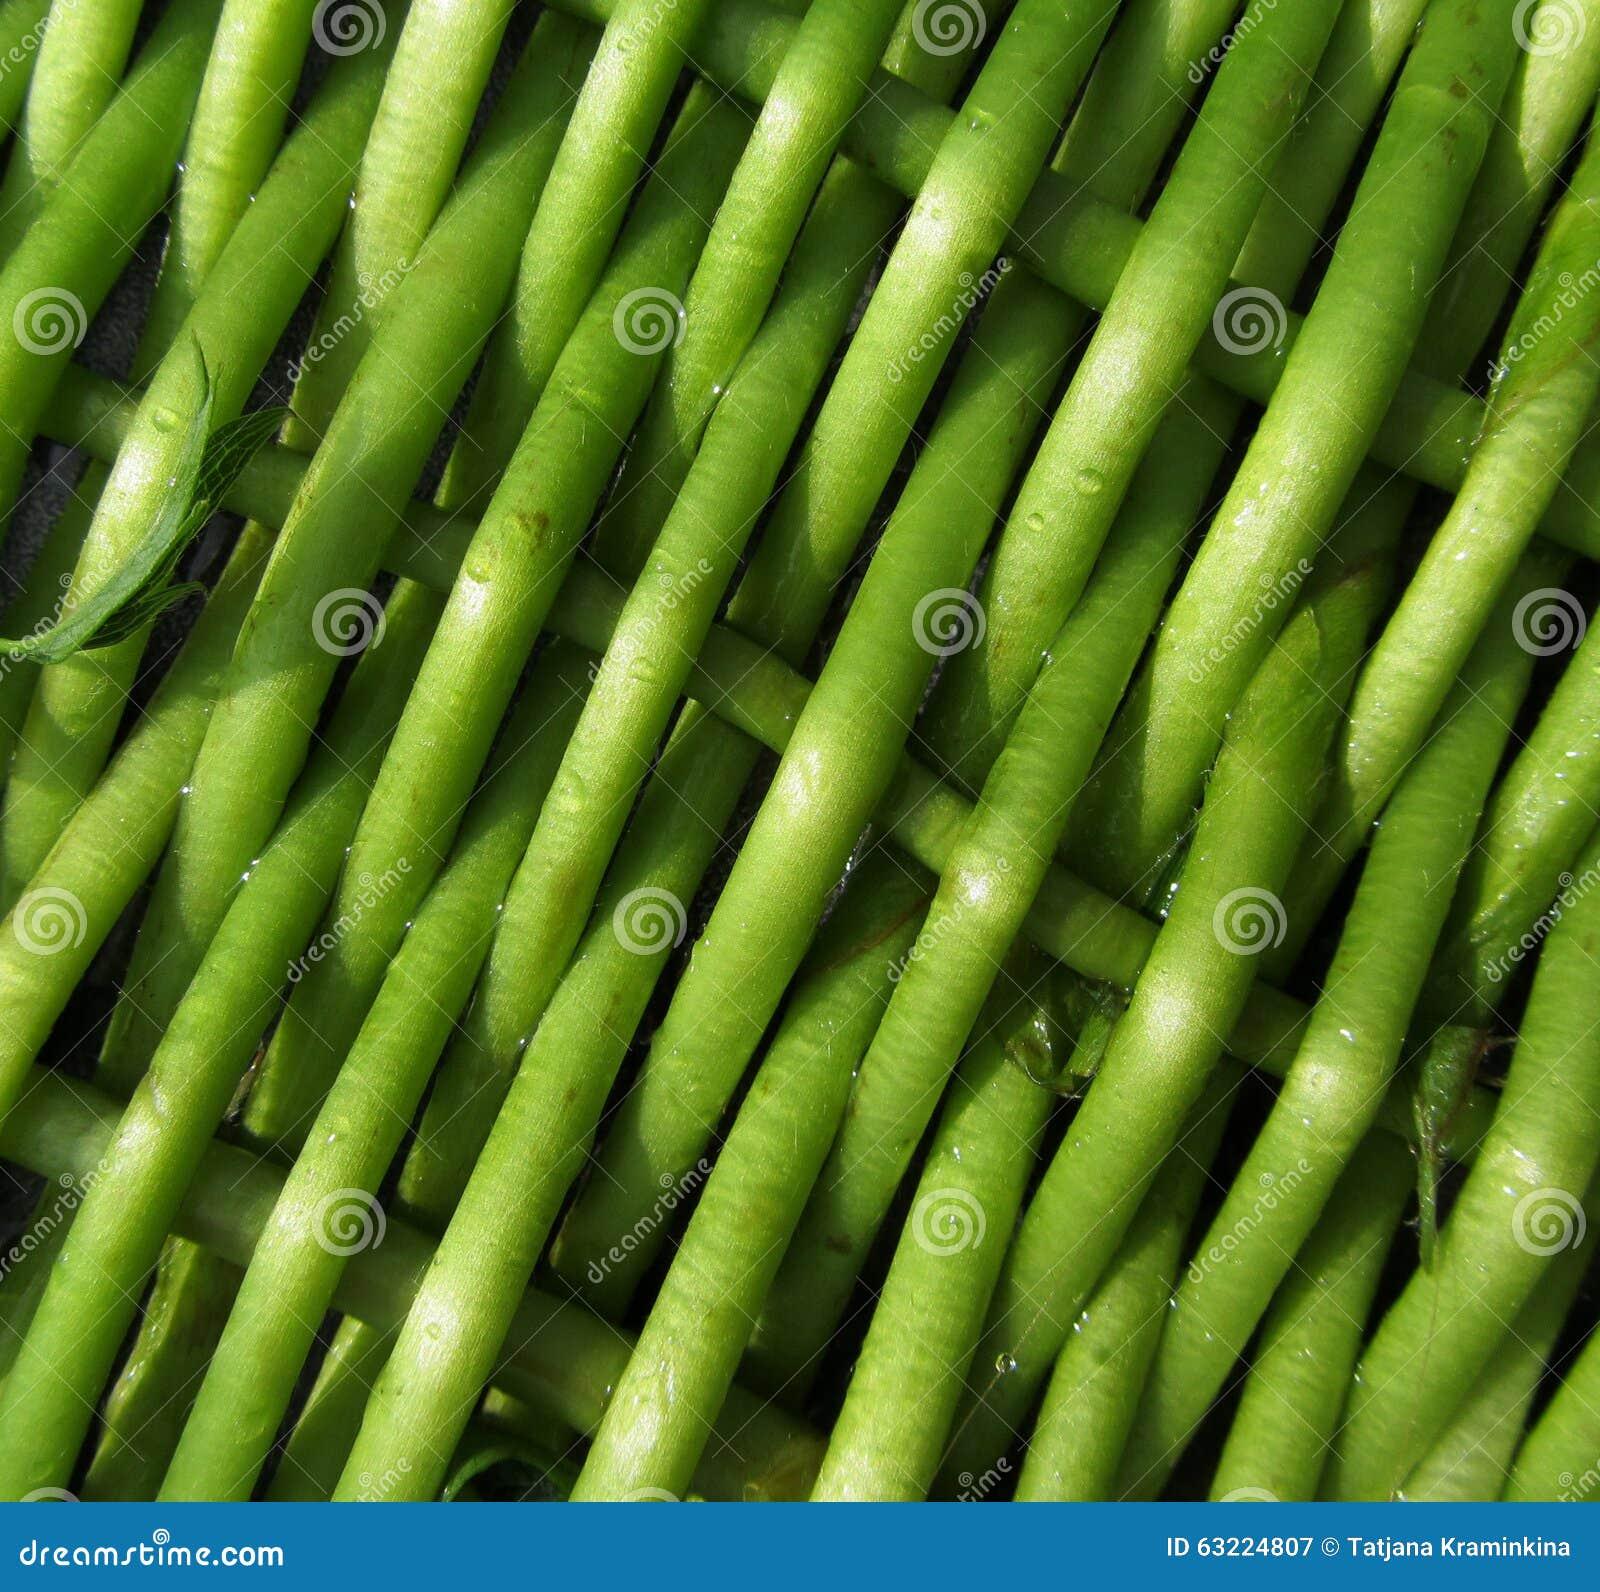 photo de tissage de texture de plante verte image stock image 63224807. Black Bedroom Furniture Sets. Home Design Ideas